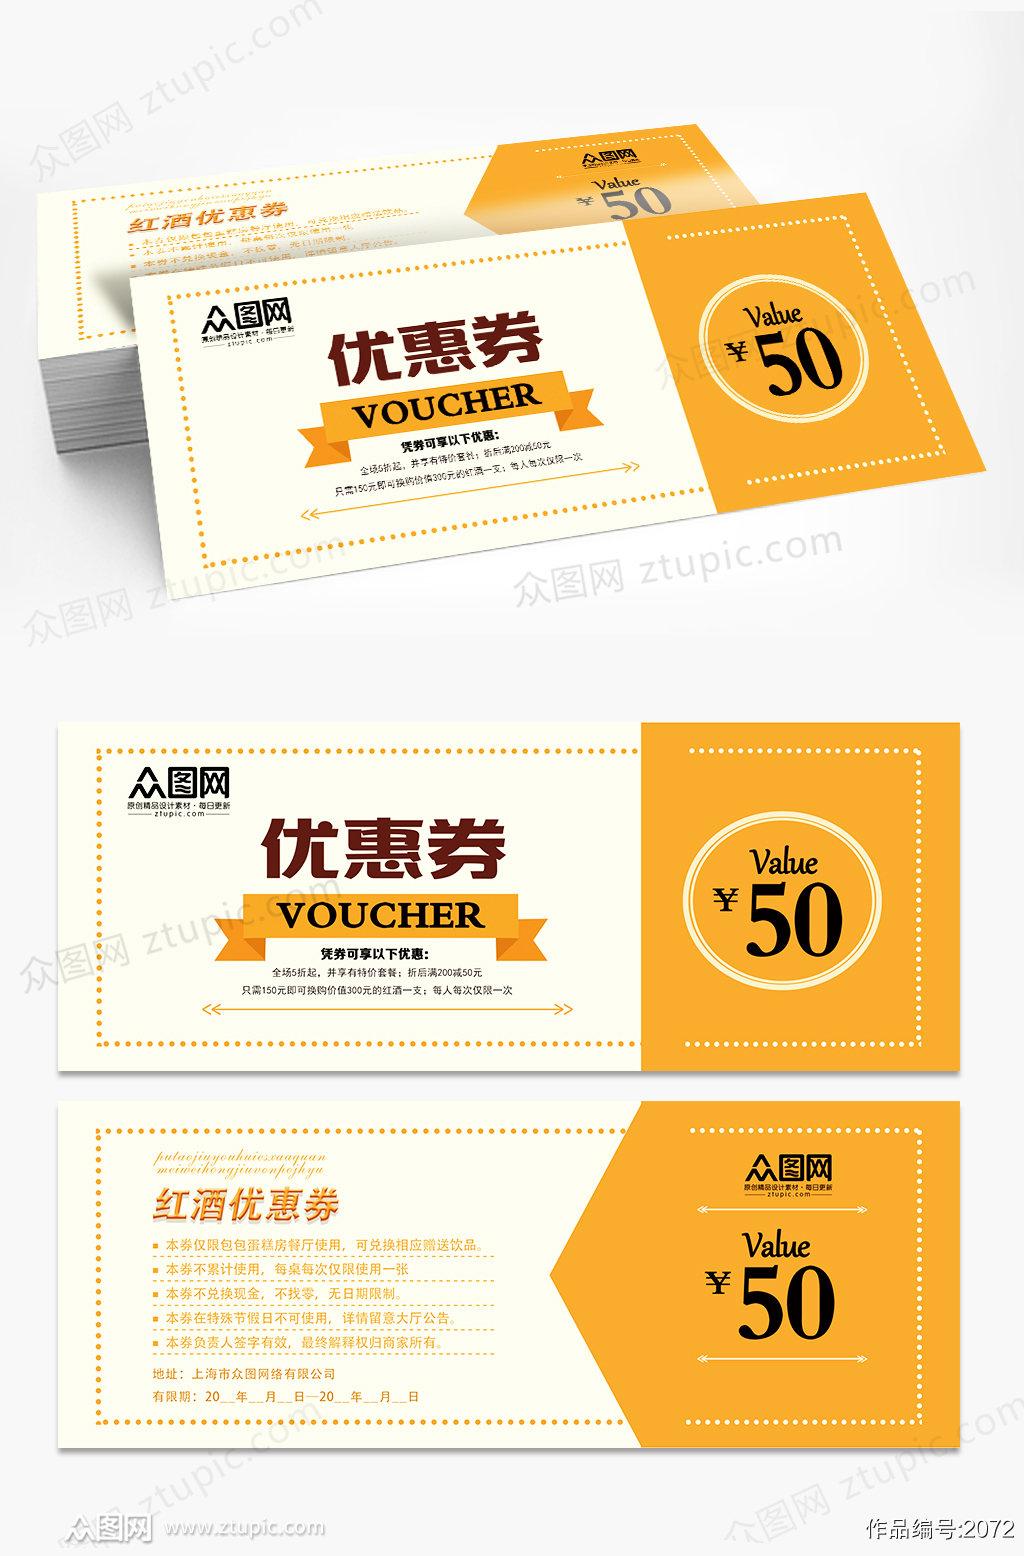 国外黄色简约通用代金券企业优惠券设计素材